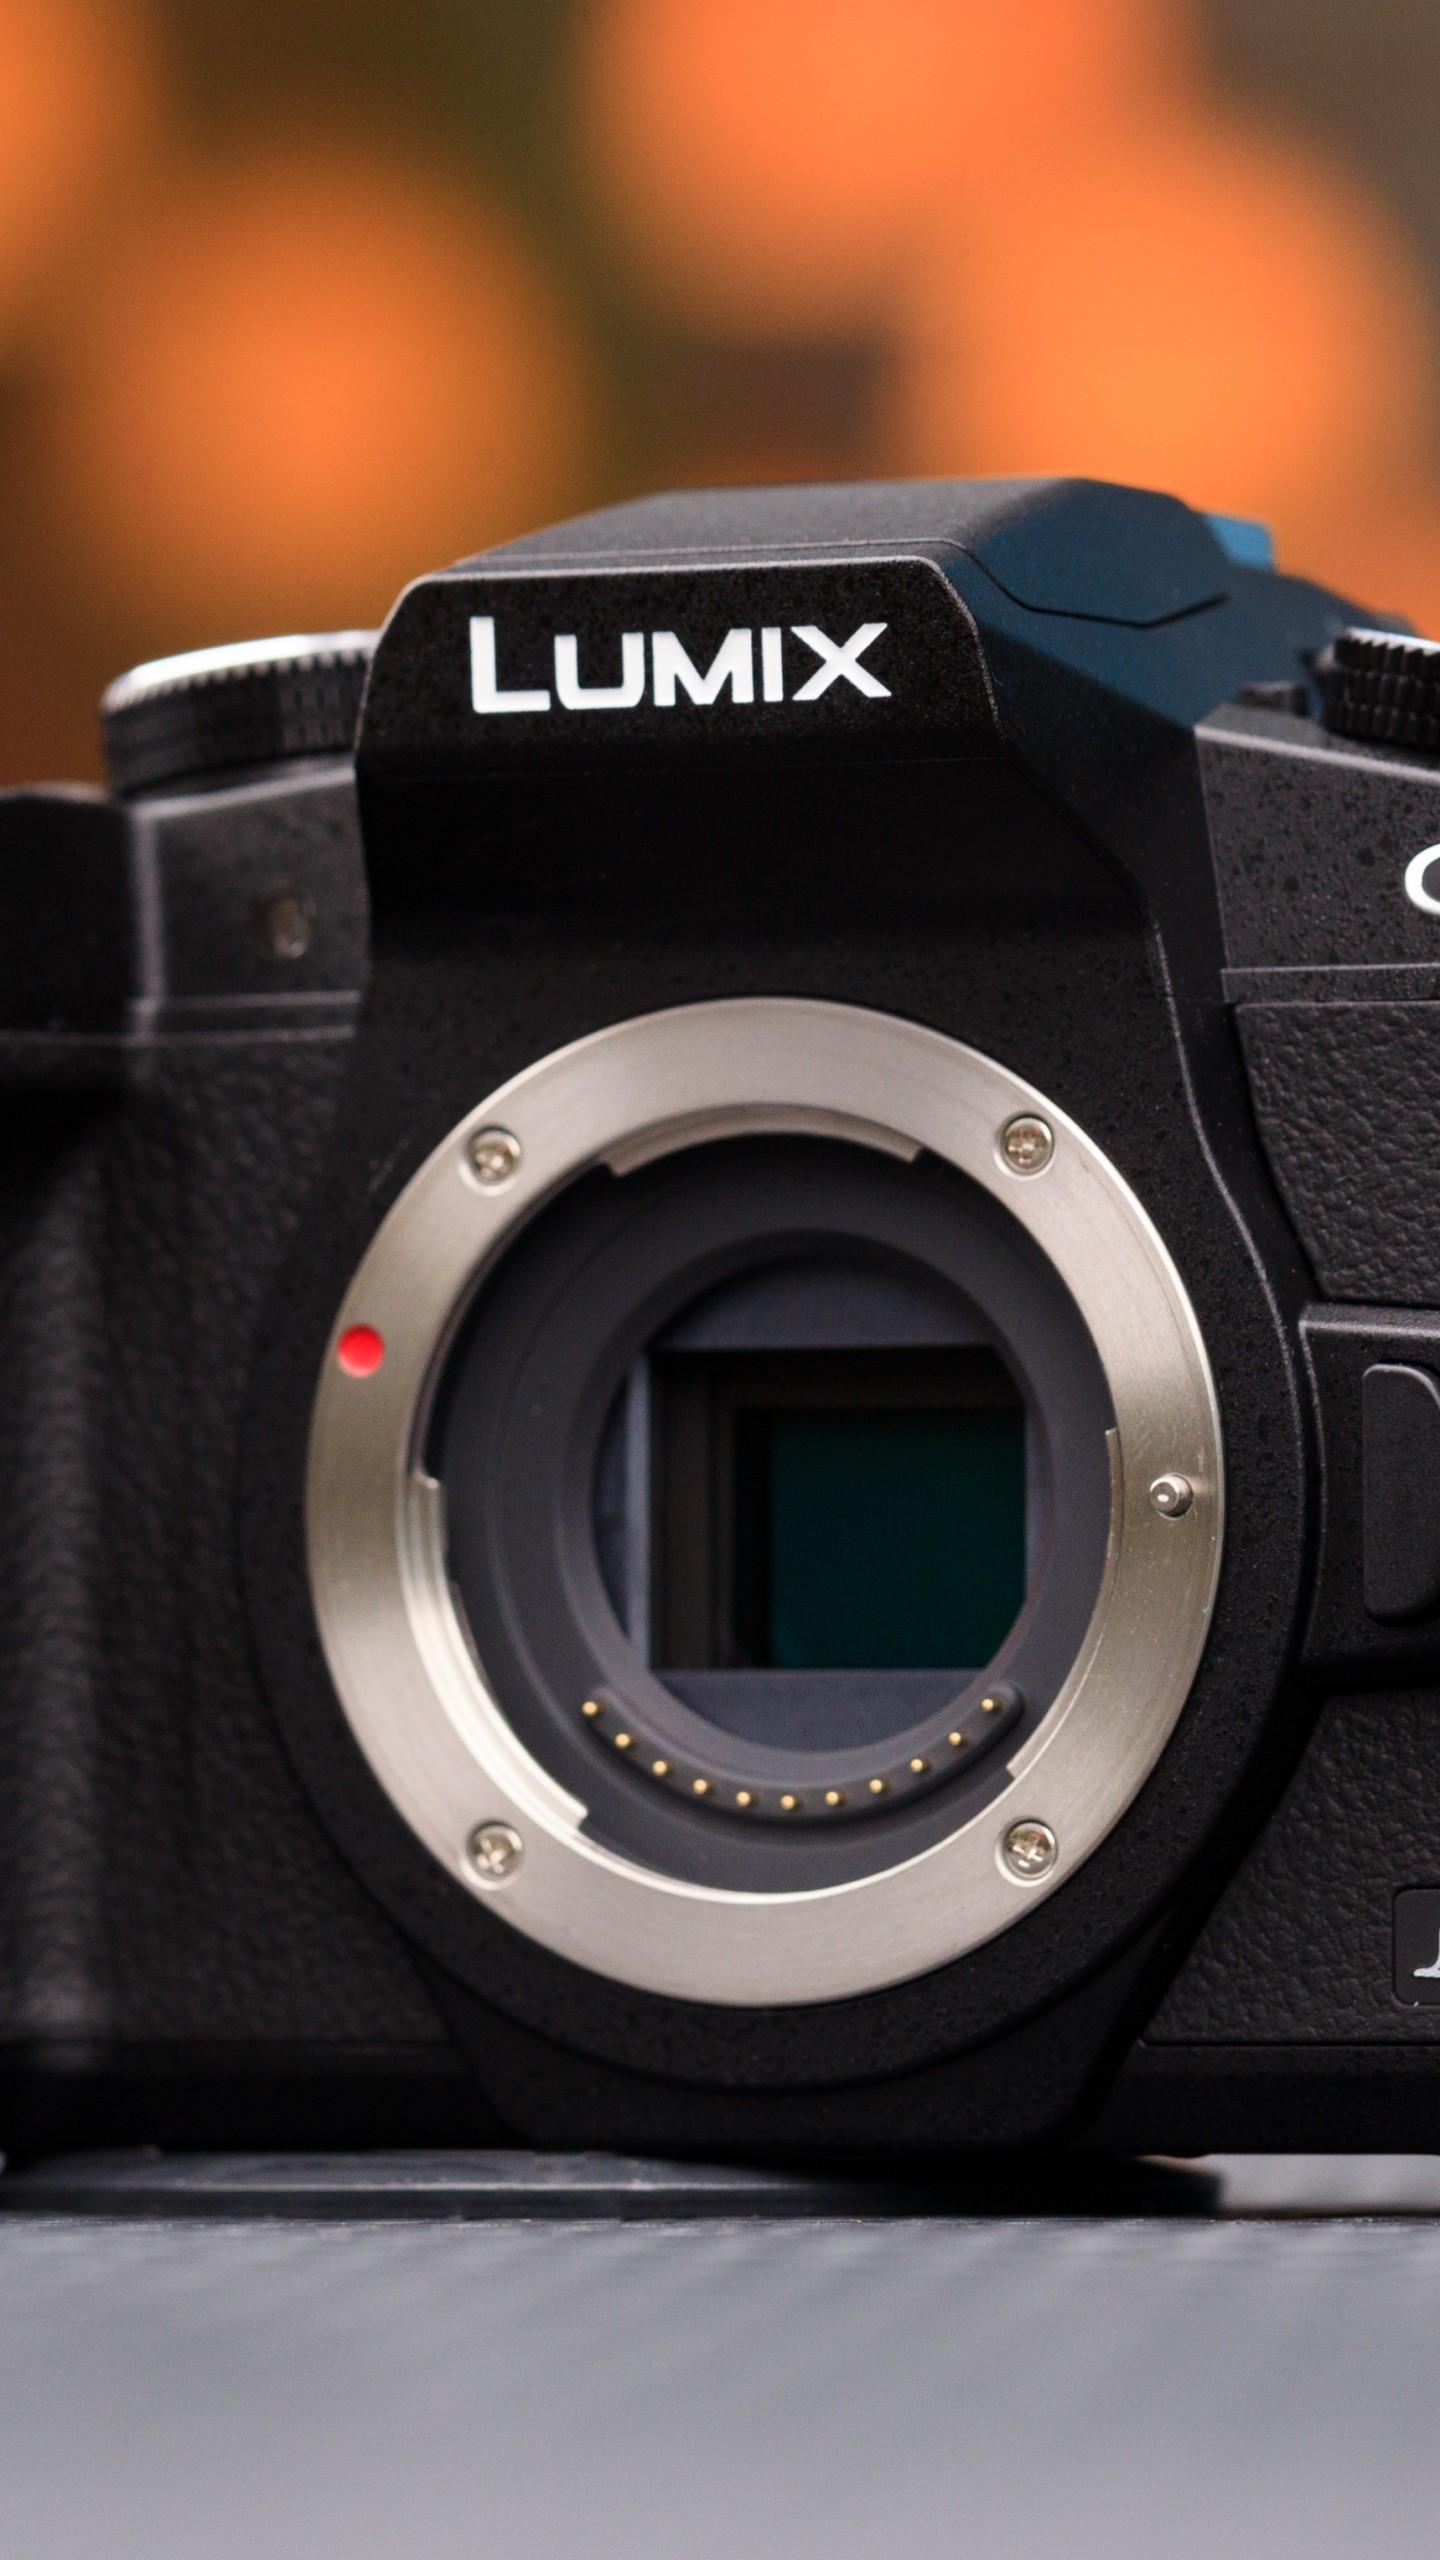 Wallpaper Panasonic Lumix G80 Review Photokina 2016 4k